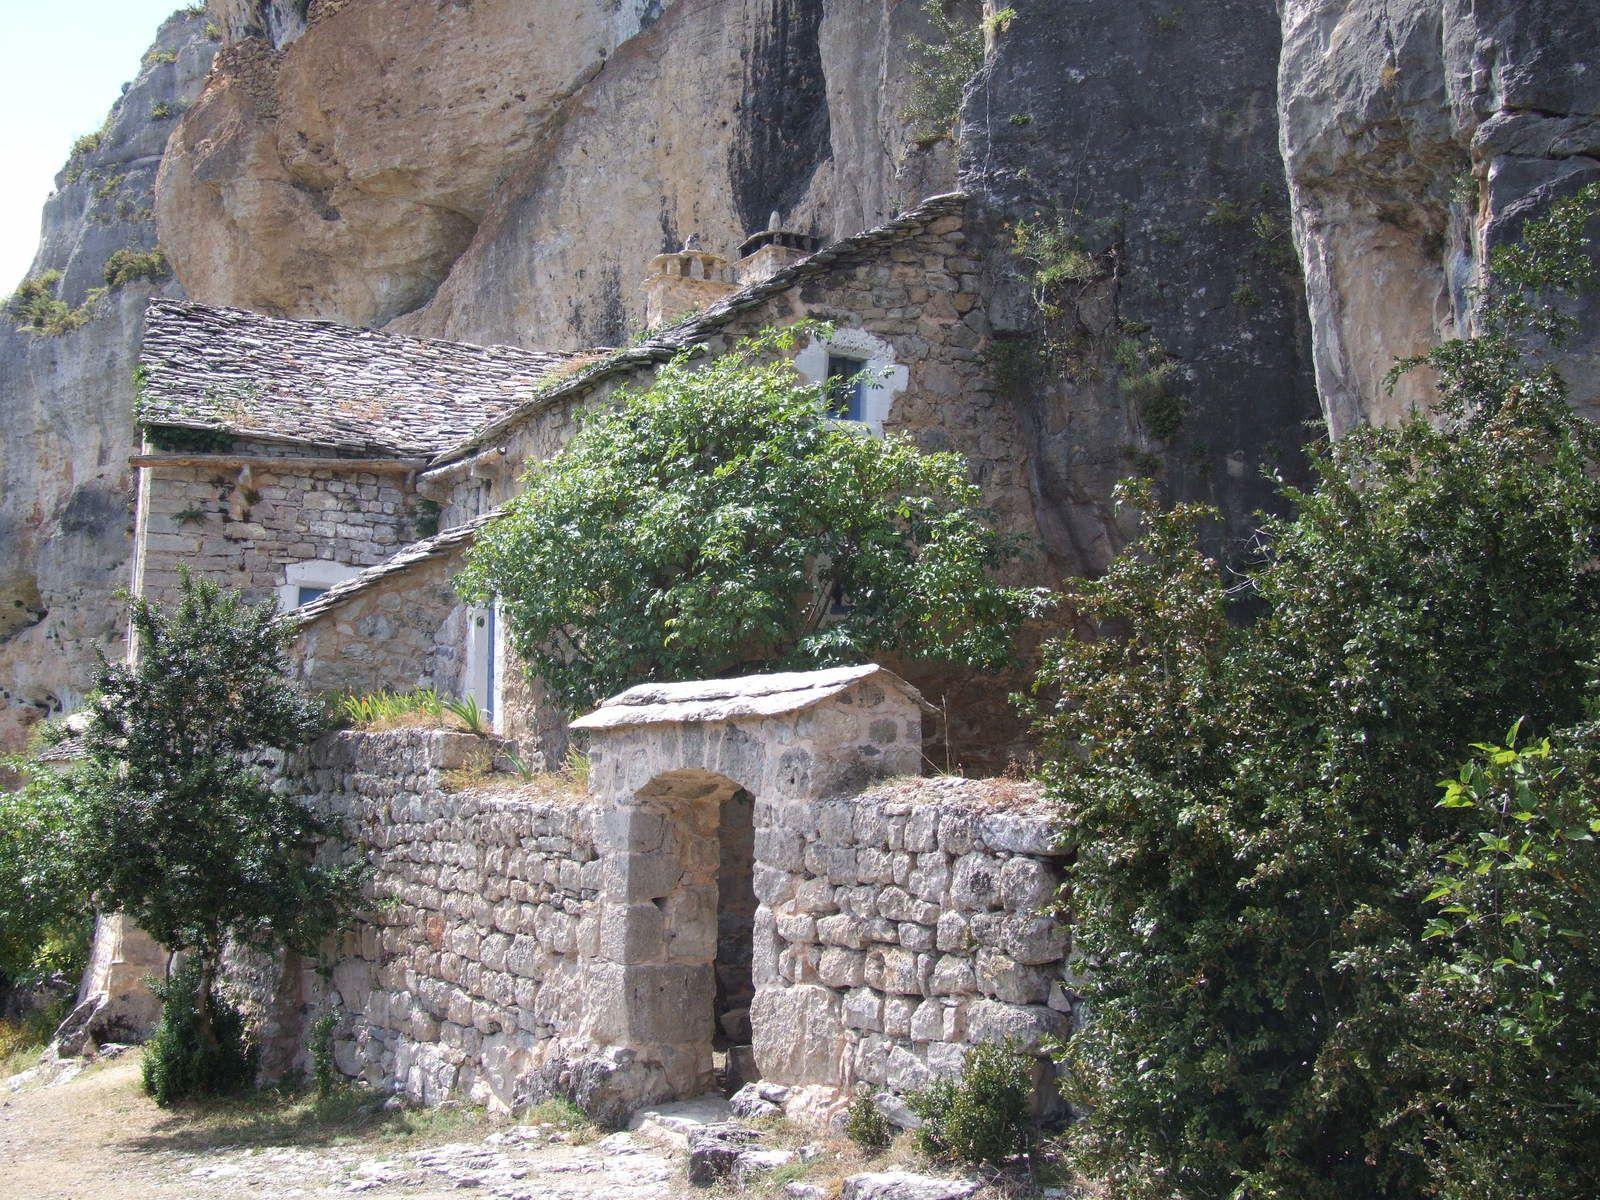 Randonnée dans le Cirque de Saint-Marcellin dans les Gorges du Tarn